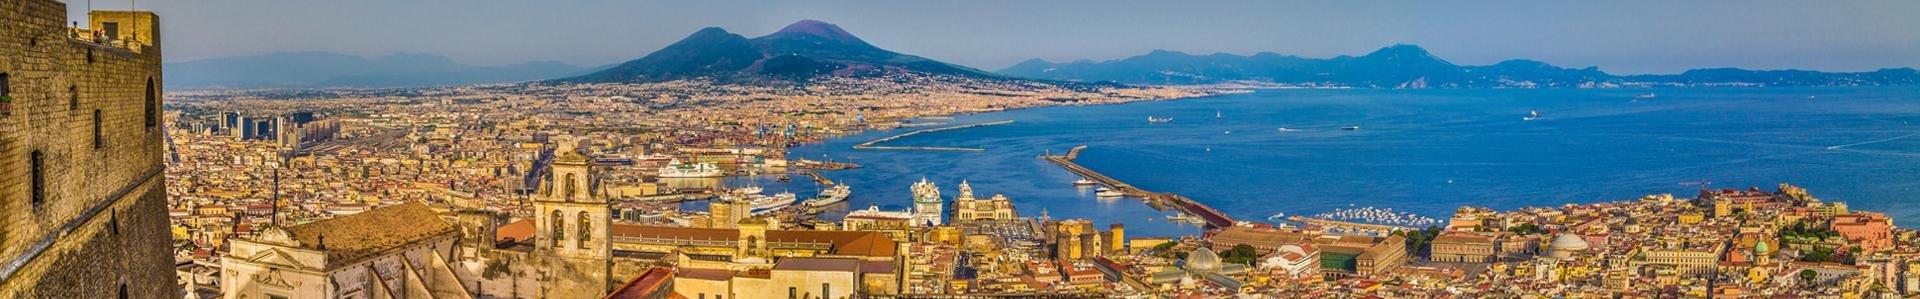 De Golf van Napels, Italië